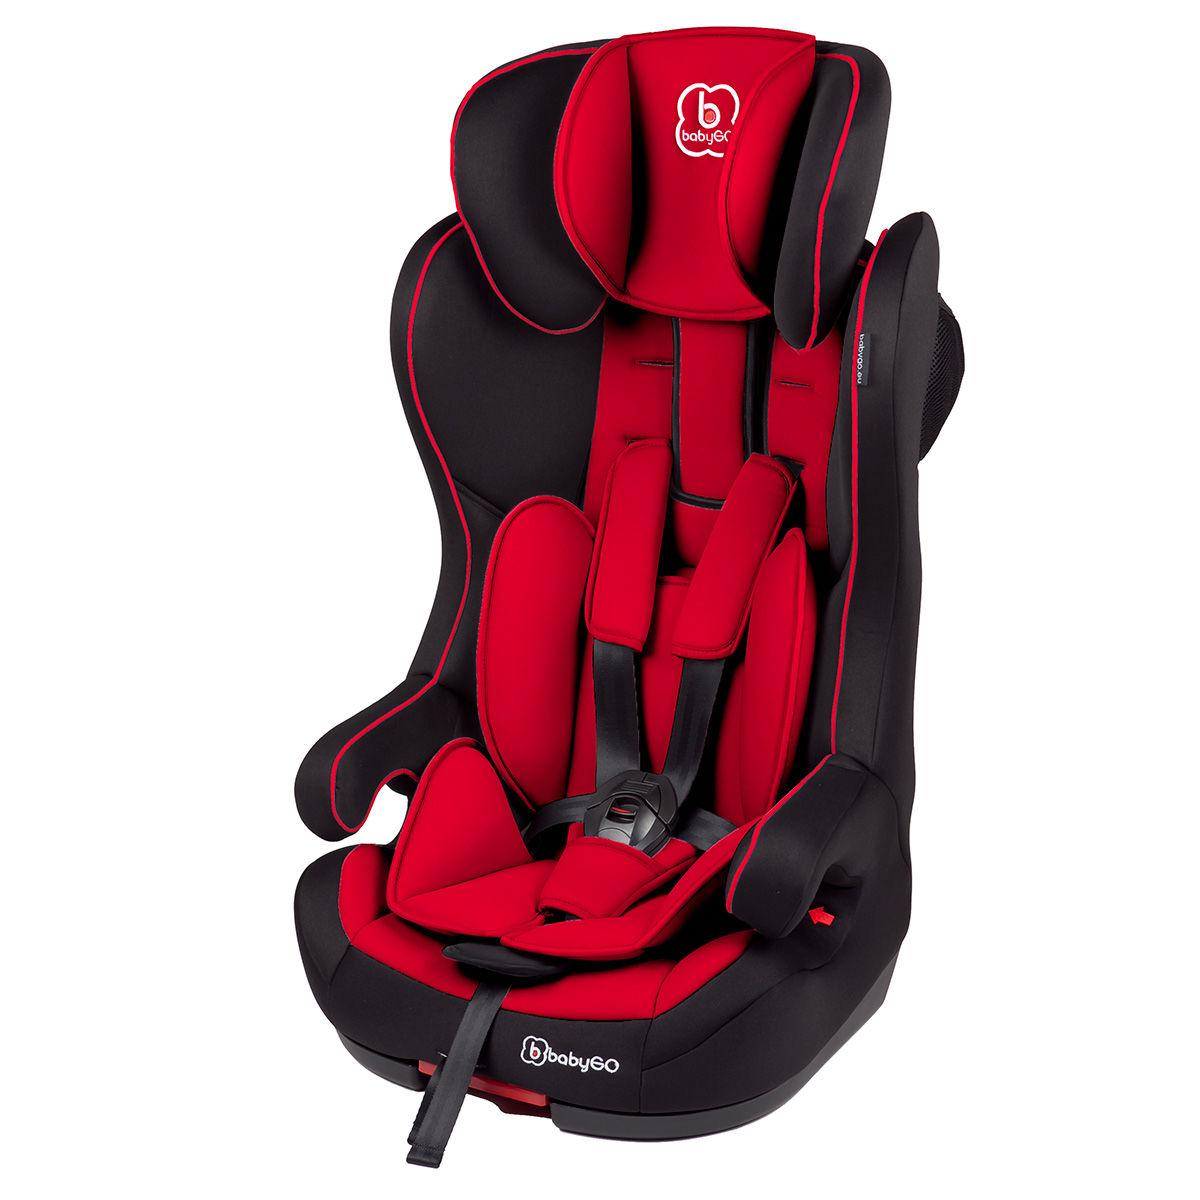 Afbeelding van Autostoel BabyGO IsoFix Rood (9-36kg) (370-3)